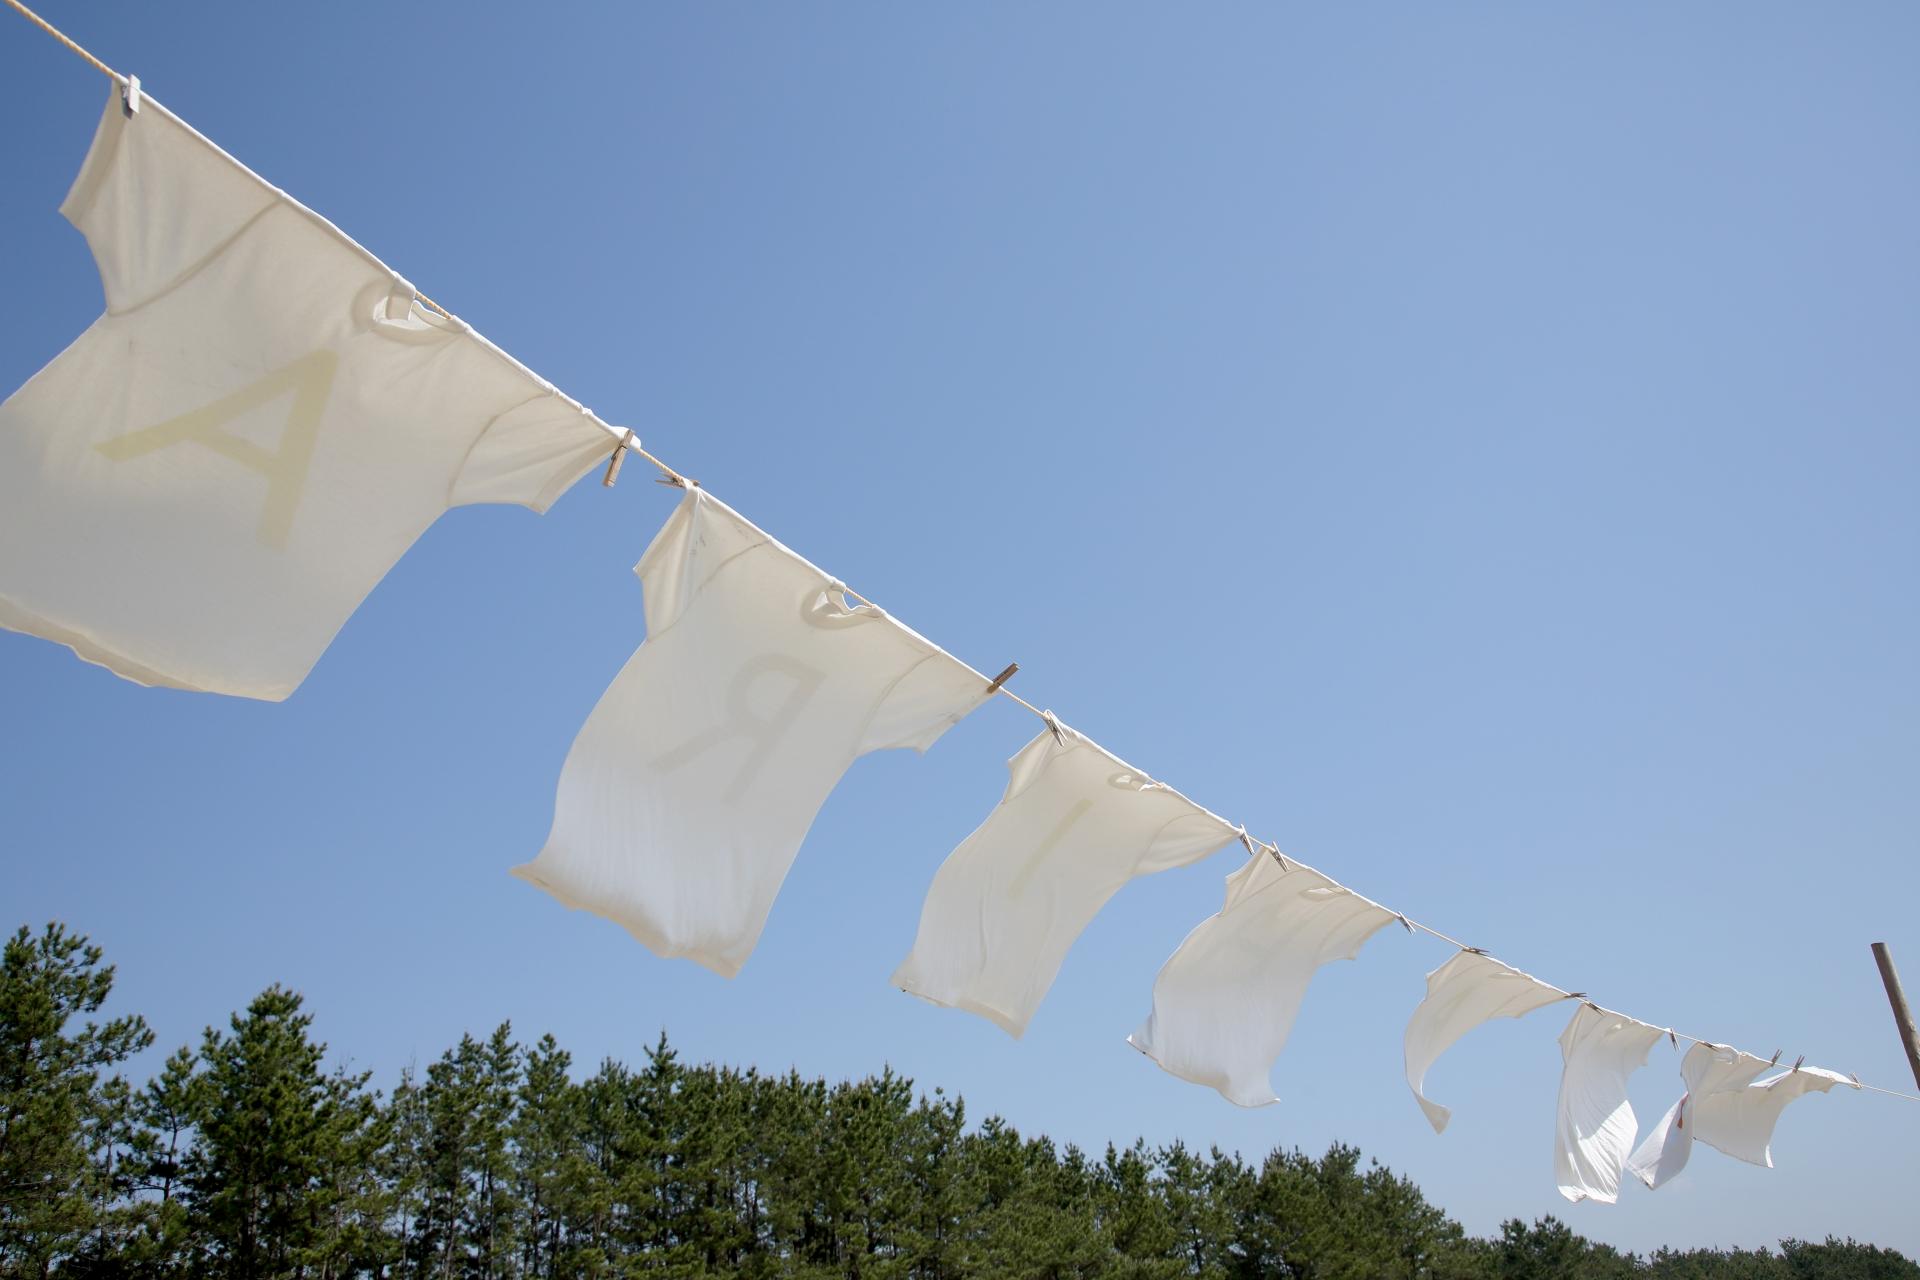 【リゾートバイトの洗濯事情】知っておきたい!住み込みリゾバの生活環境